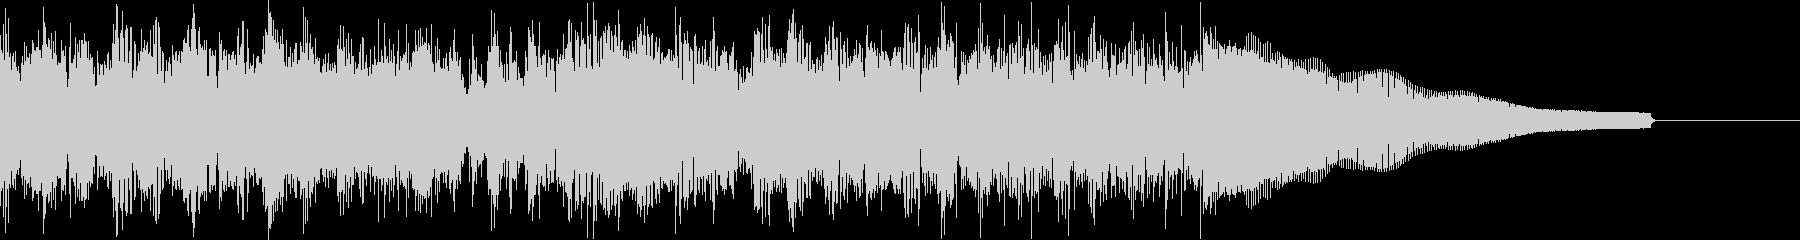 カントリー風ギターイントロ−07Hの未再生の波形